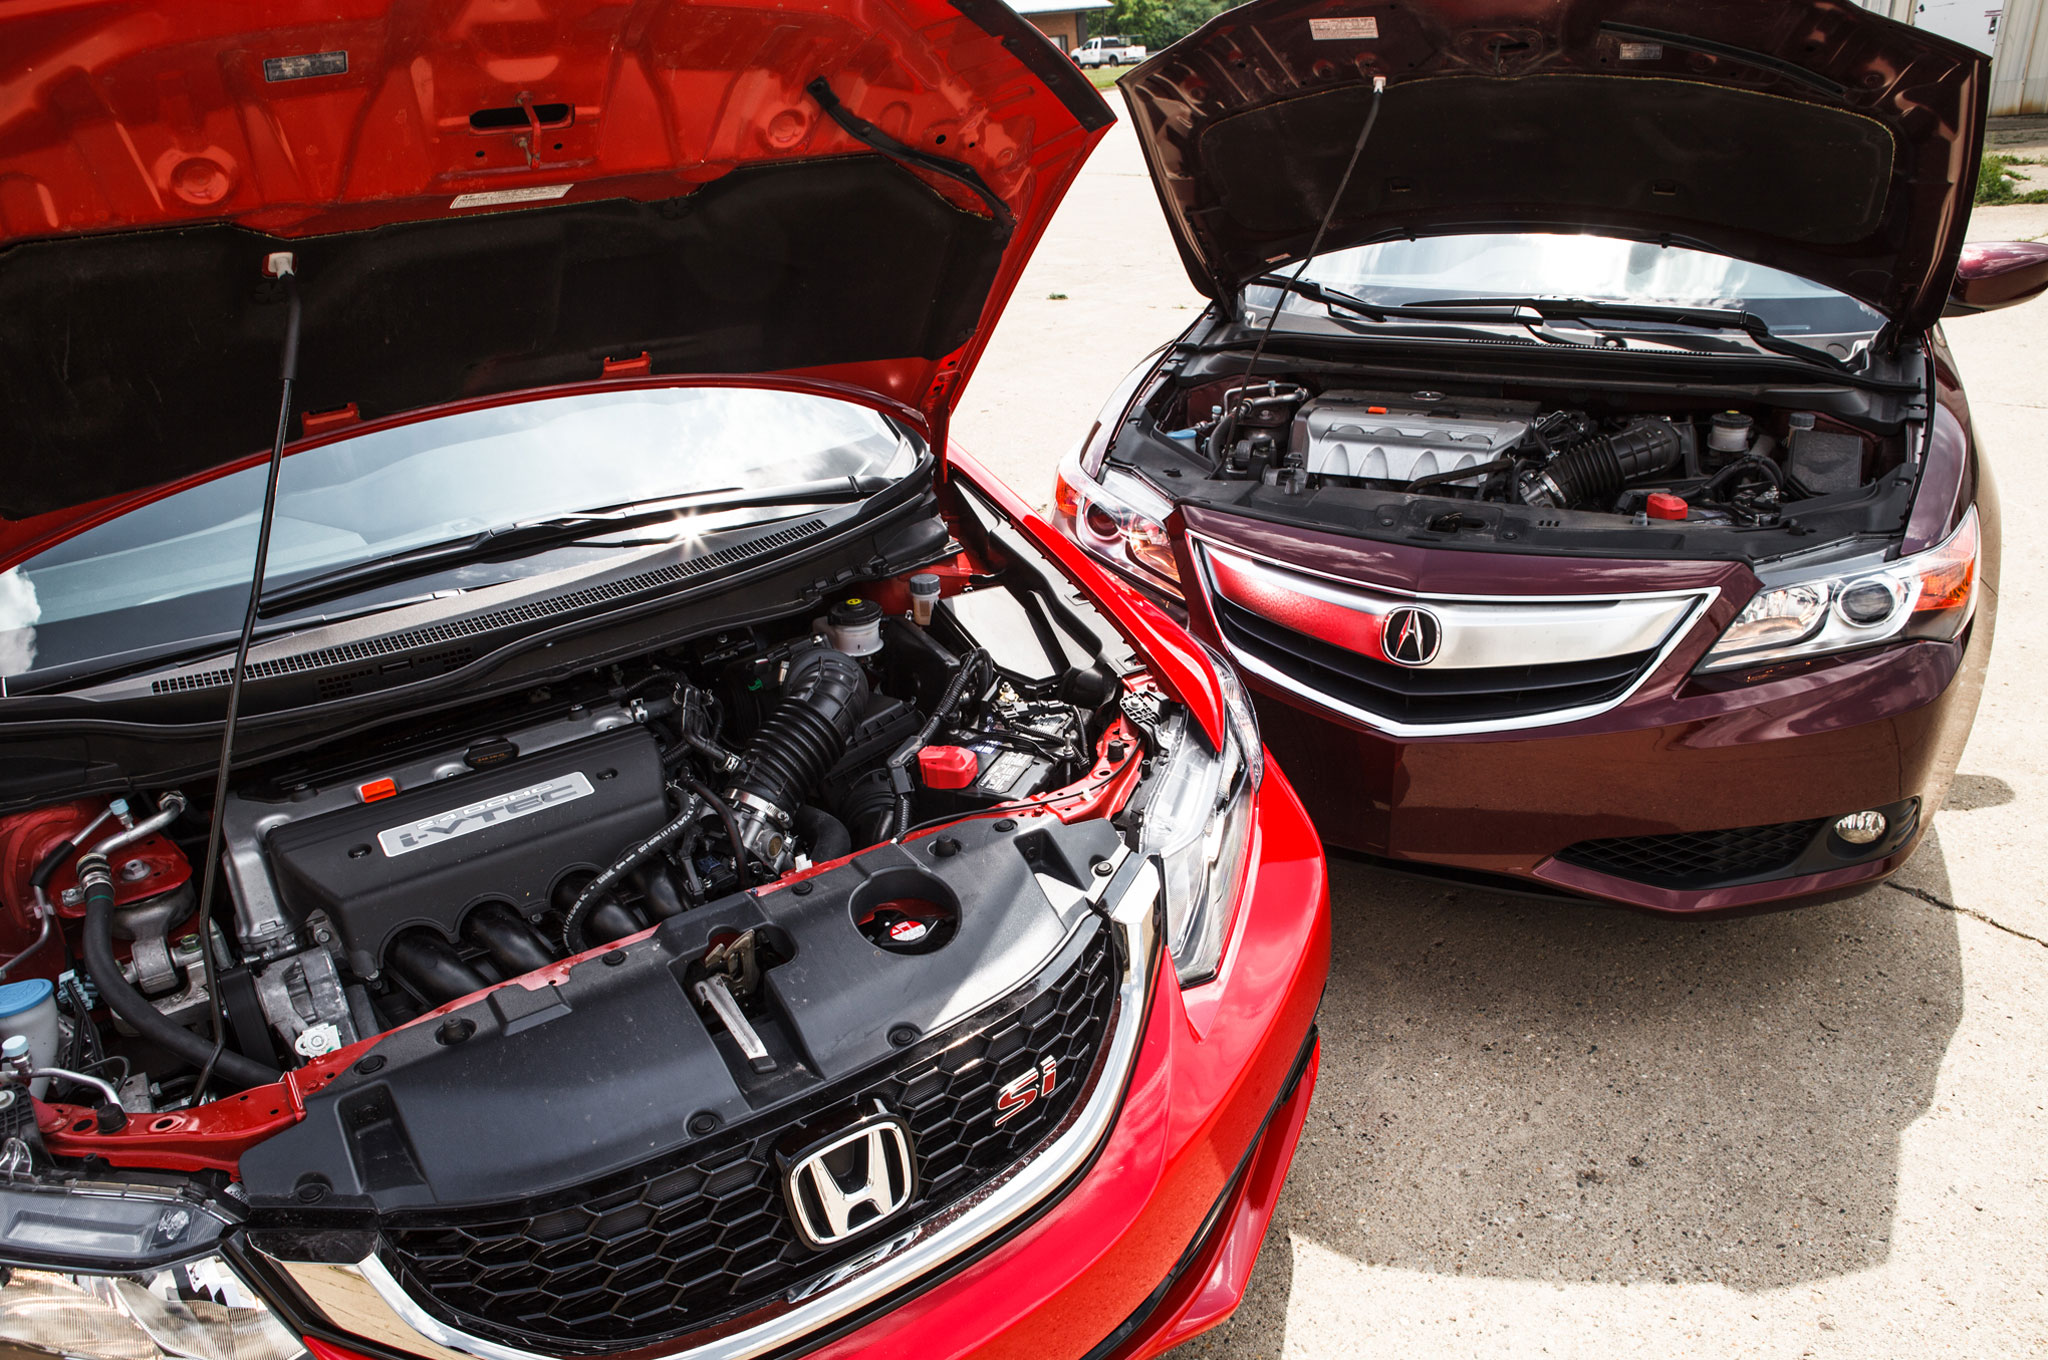 Acura Vs Honda on chevy vs honda, volkswagen vs honda, 240sx vs honda, mitsubishi vs honda, infiniti vs honda, delorean vs honda, dodge vs honda, bugatti vs honda, ford vs honda, mustang vs honda, subaru vs honda, big trucks vs honda, toyota vs honda, pontiac vs honda, hyundai vs honda, jeep vs honda, corvette vs honda, nissan vs honda, nismo vs honda, lamborghini vs honda,